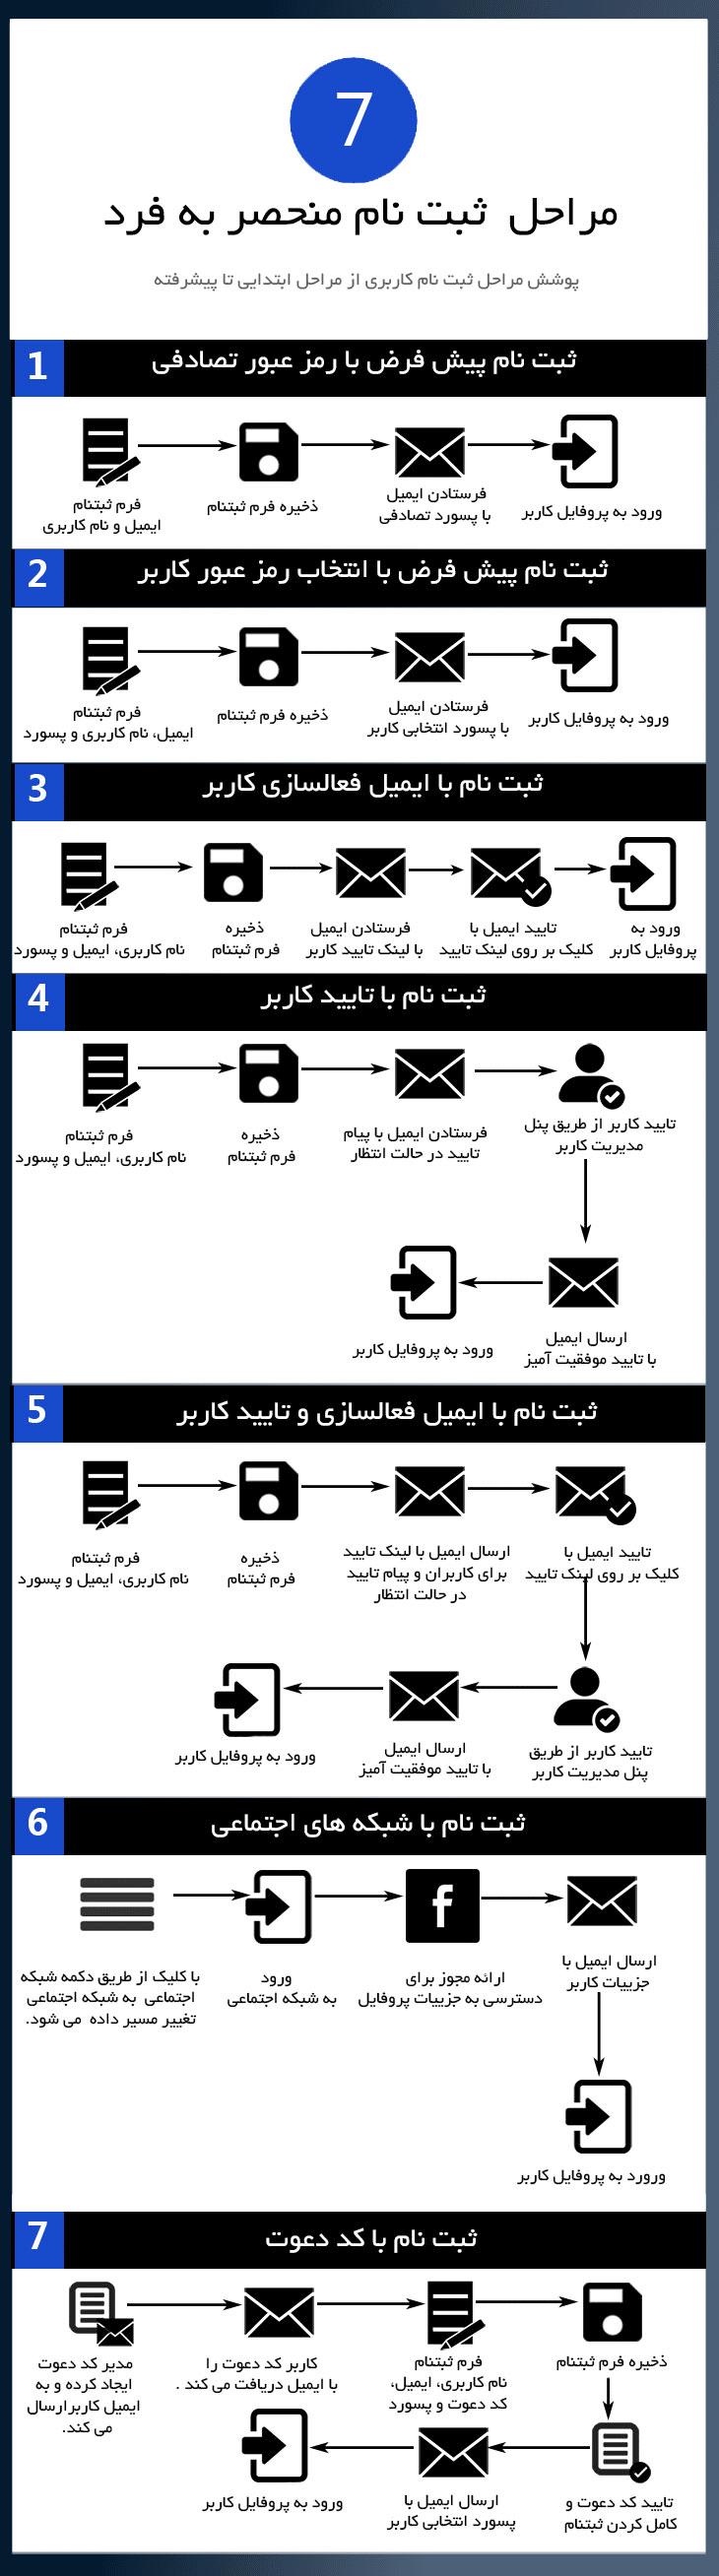 افزونه User Profiles Made Easy